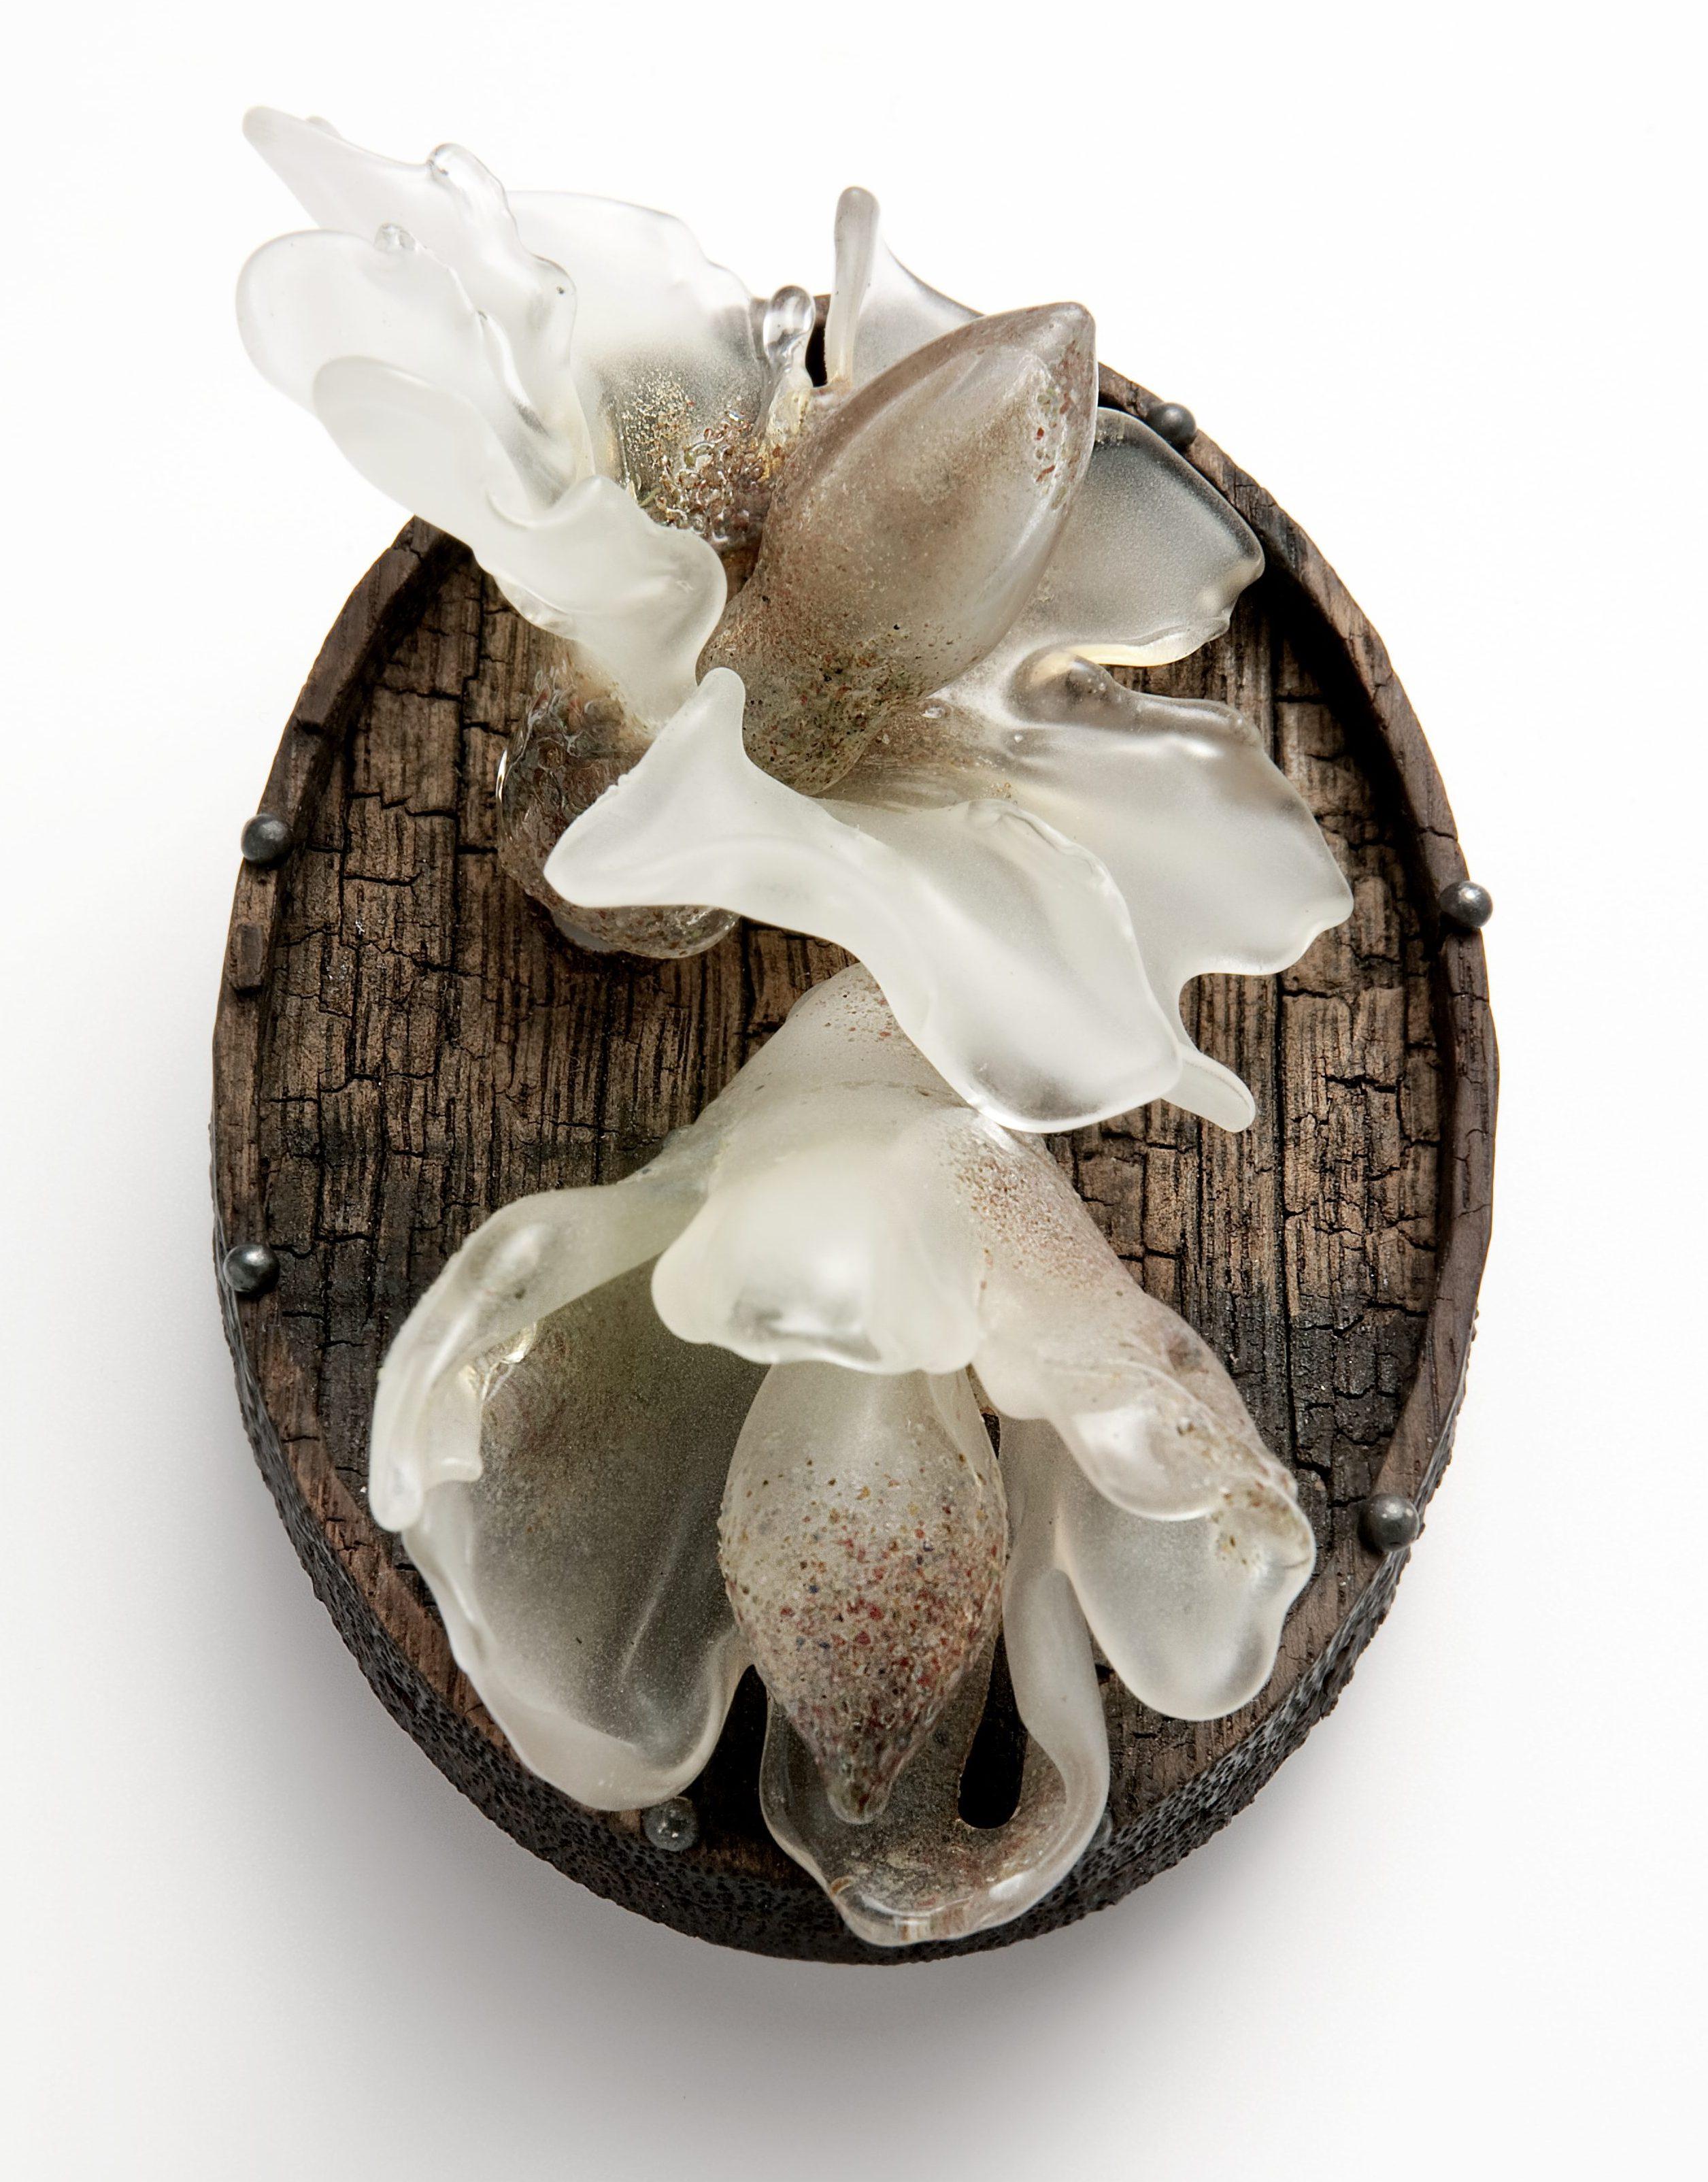 Evert Nijland, Flowers 2, broche, Ornament, 2012-2013. Foto met dank aan CODA©